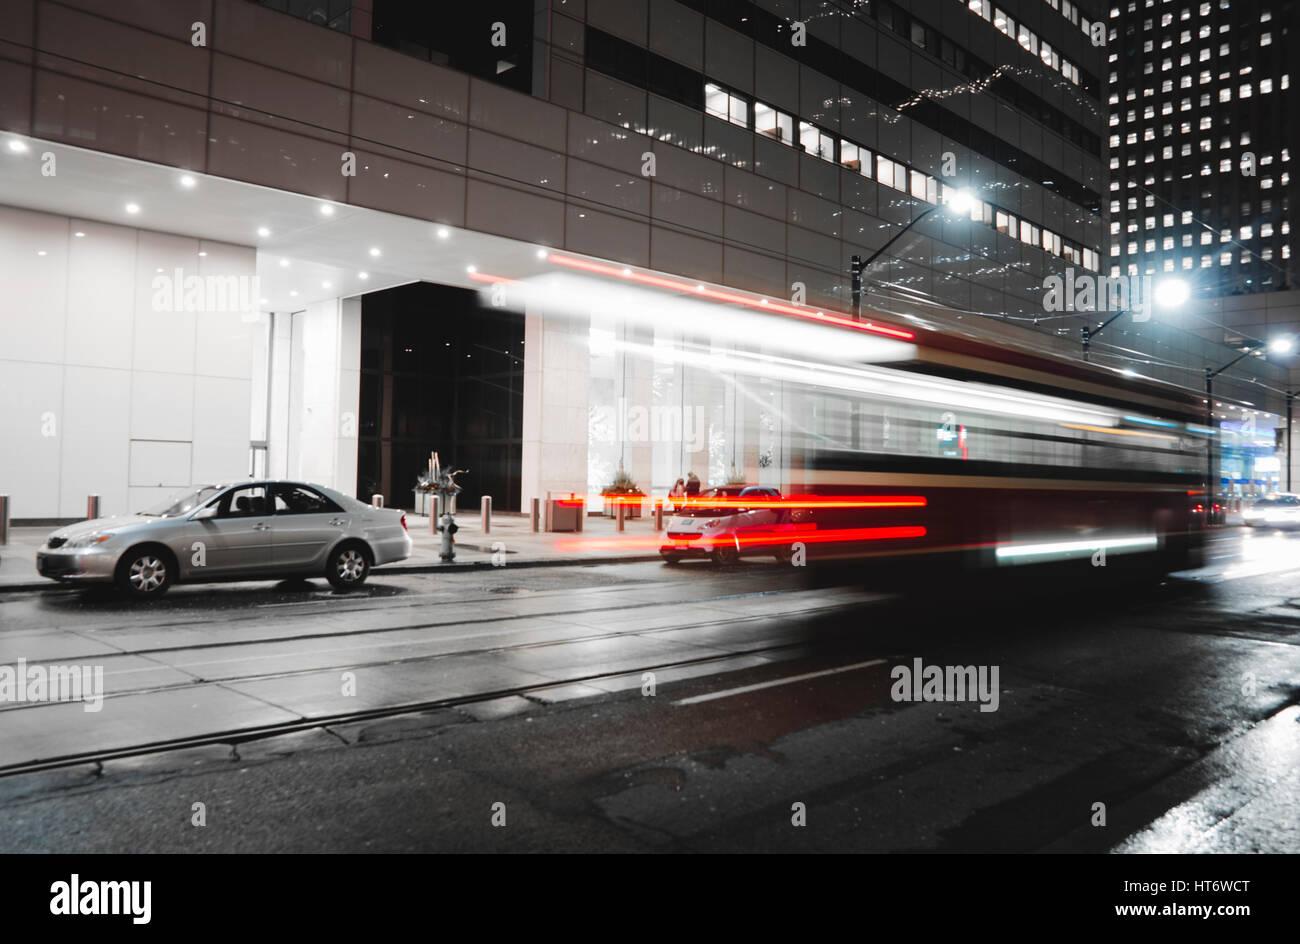 toronto-street-car-in-motion-HT6WCT.jpg